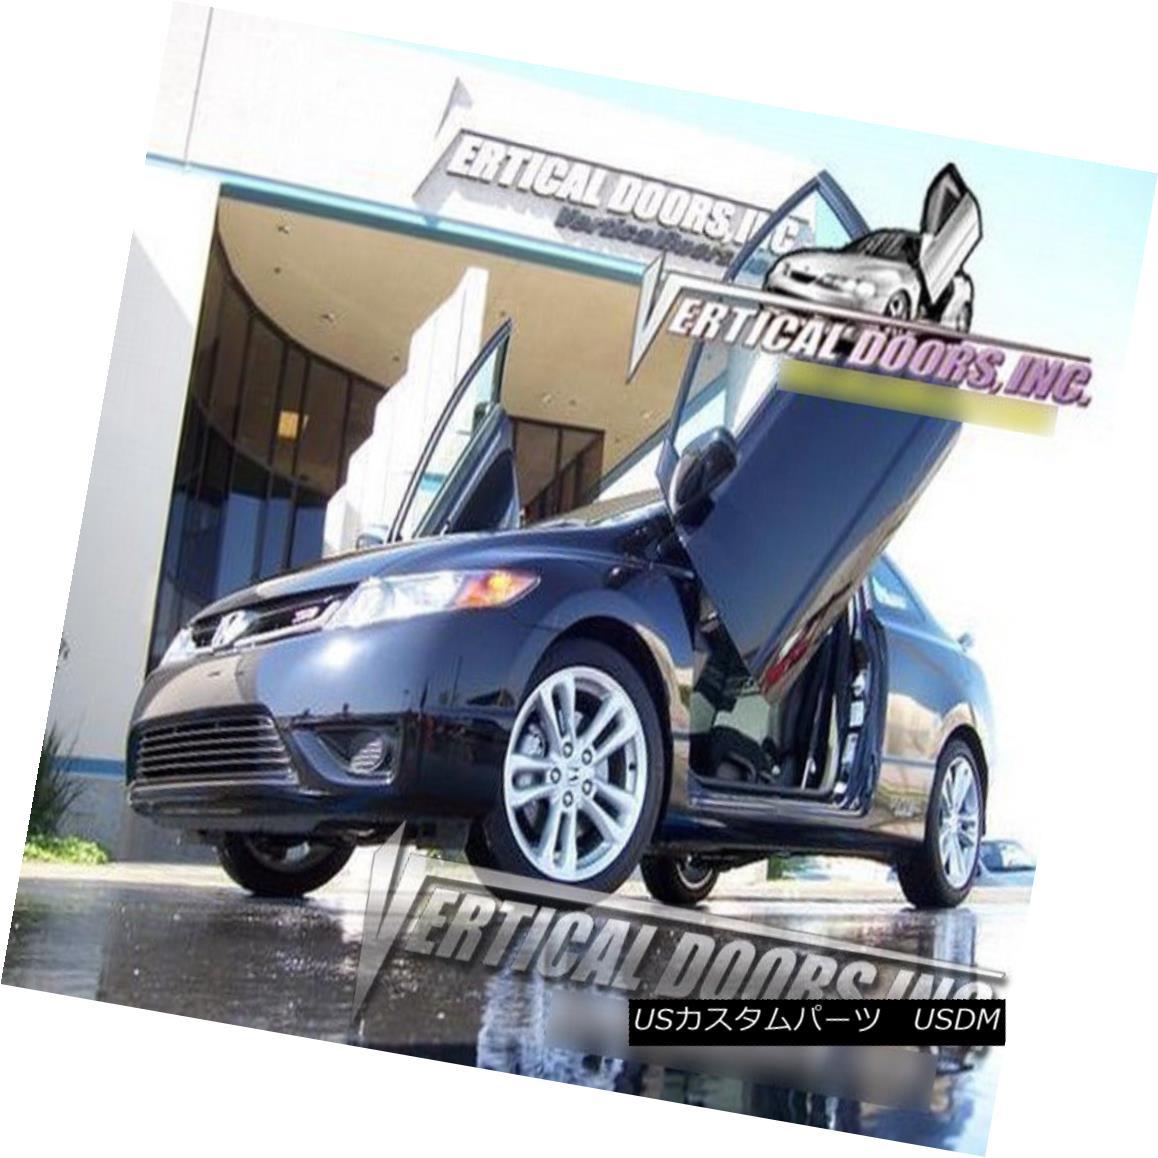 ガルウィングキット Honda Accord 94-97 4DR Vertical Doors Inc Lambo Door Kit VDI Bolt On Best Offer Honda Accord 94-97 4DR Vertical Doors Inc LamboドアキットVDI Bolt On Best Offer